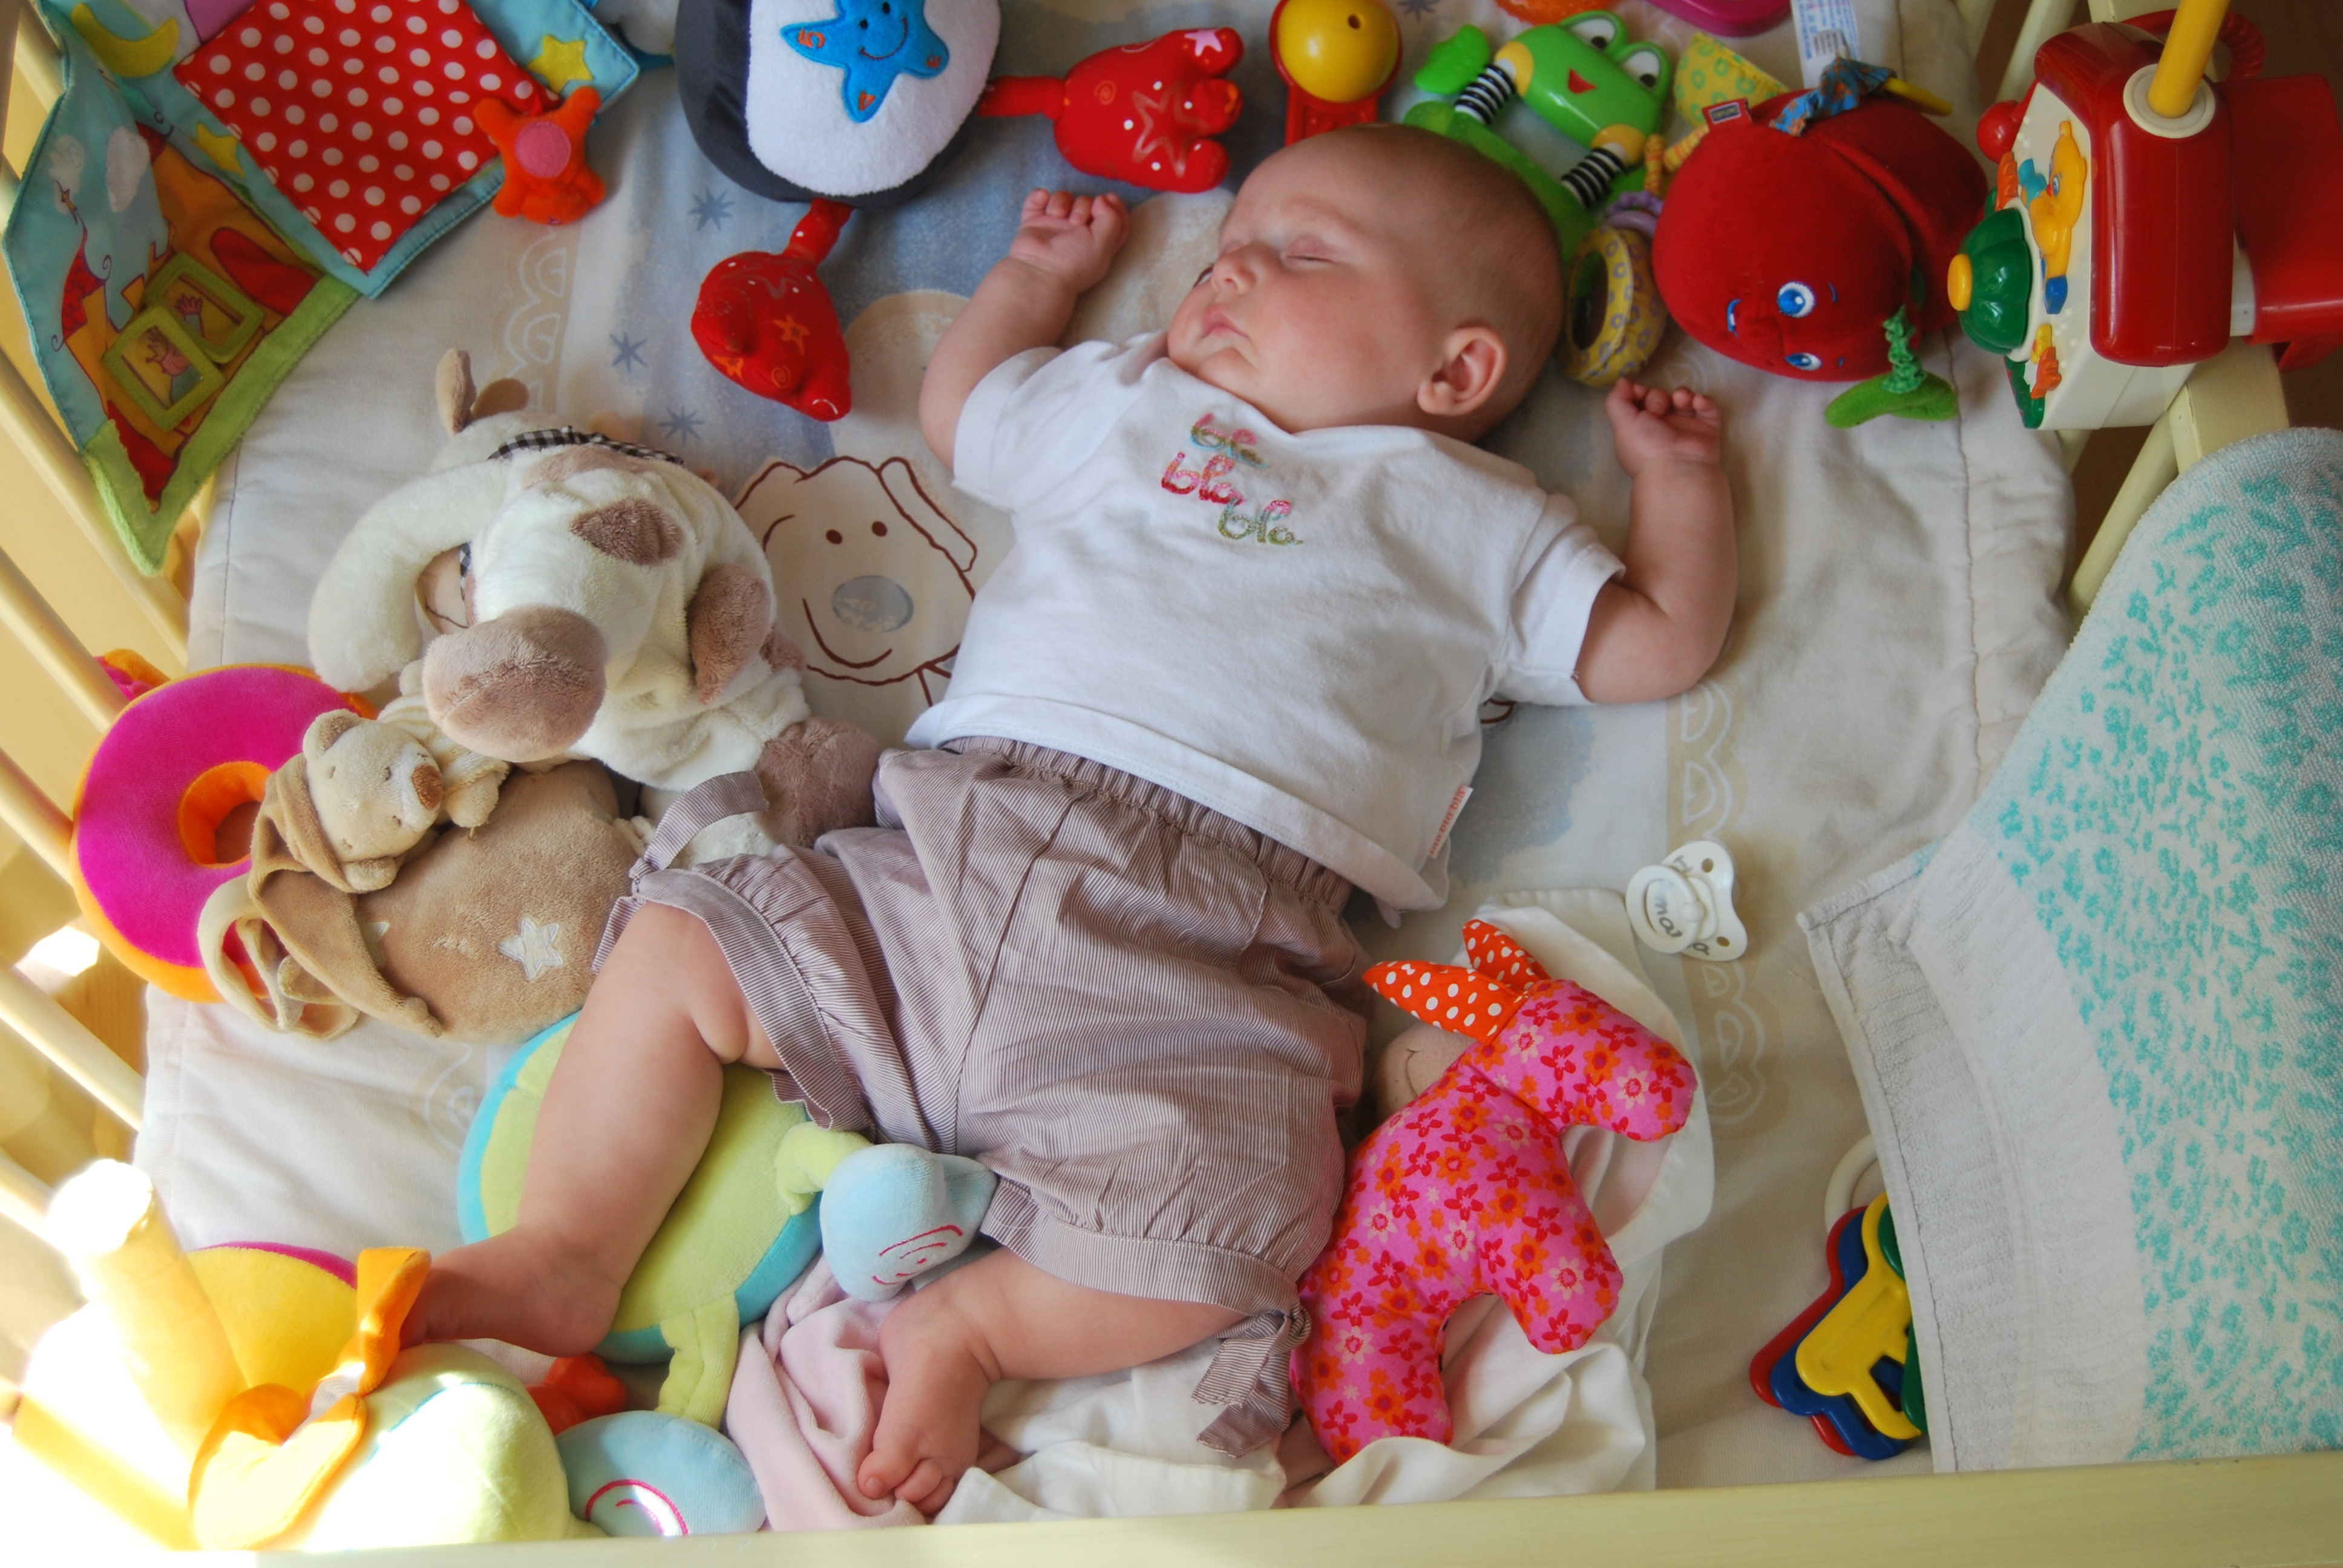 Развитие ребенка в 1,5 - 2 месяца, что он должен уметь делать и как развивать малыша в этот период